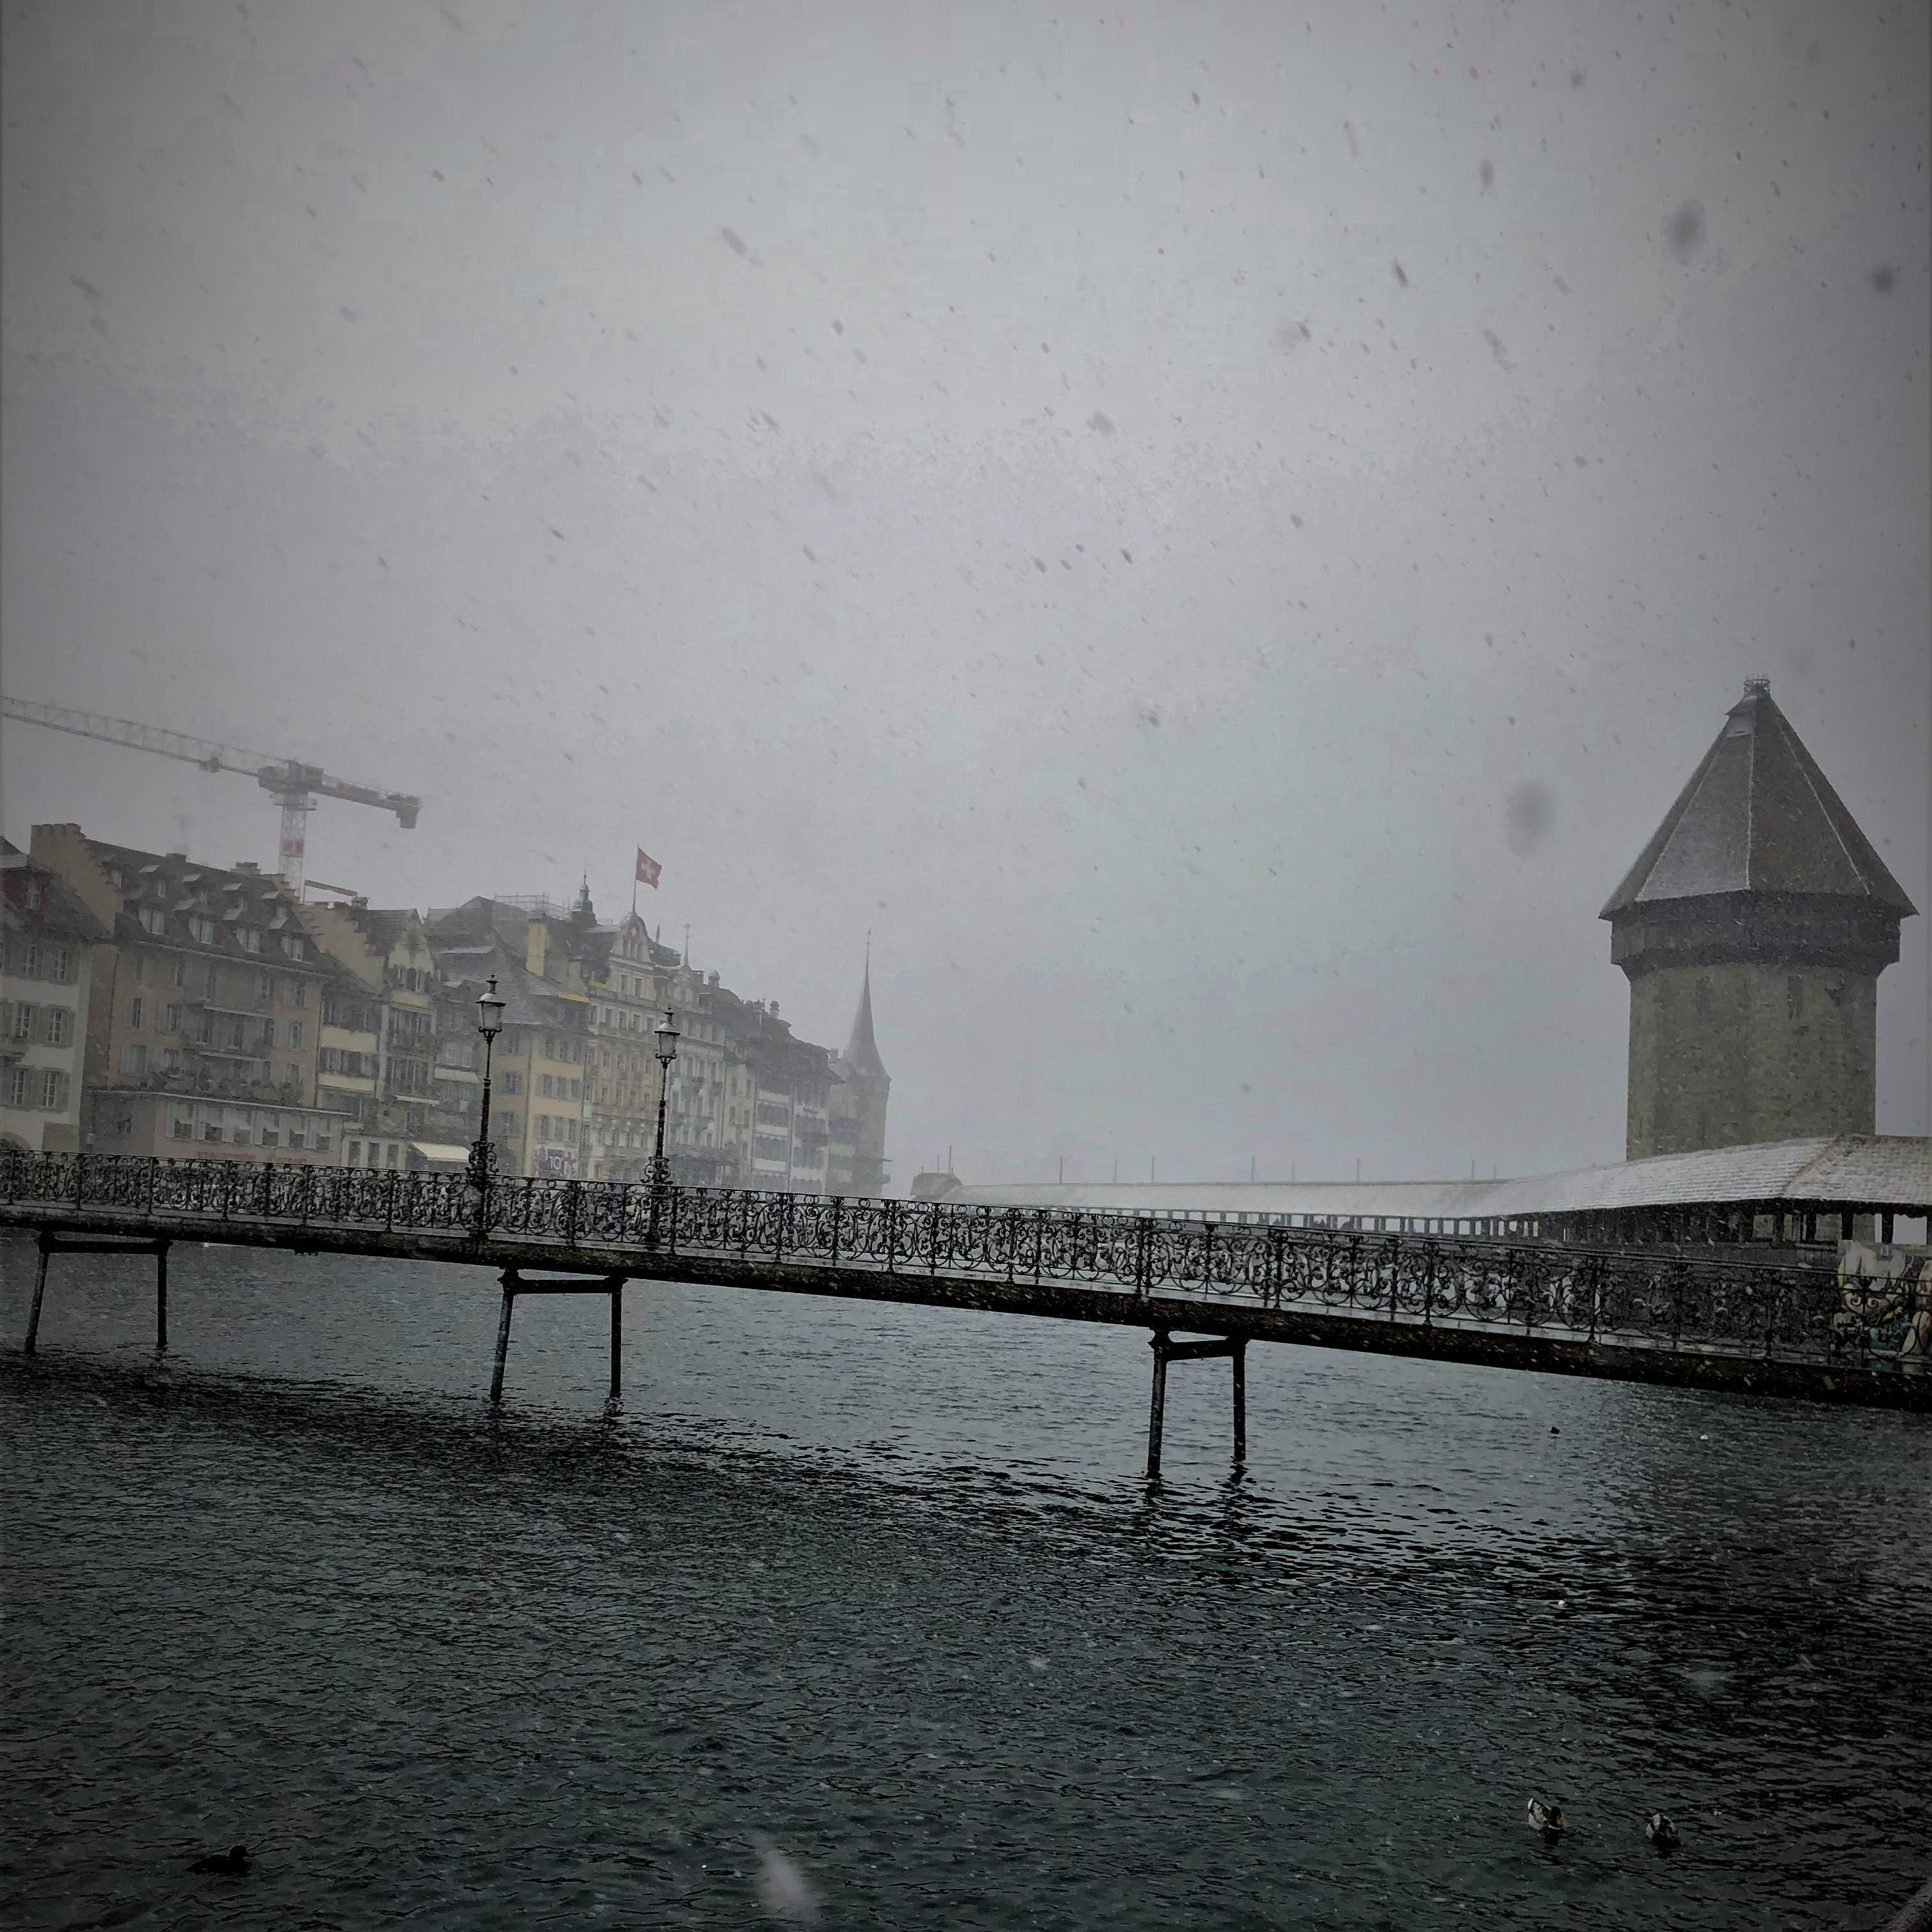 Der traurige Tag nach der närrischen, farbenfrohen 5. Jahreszeit; Gespenstische Ruhe in Luzern.